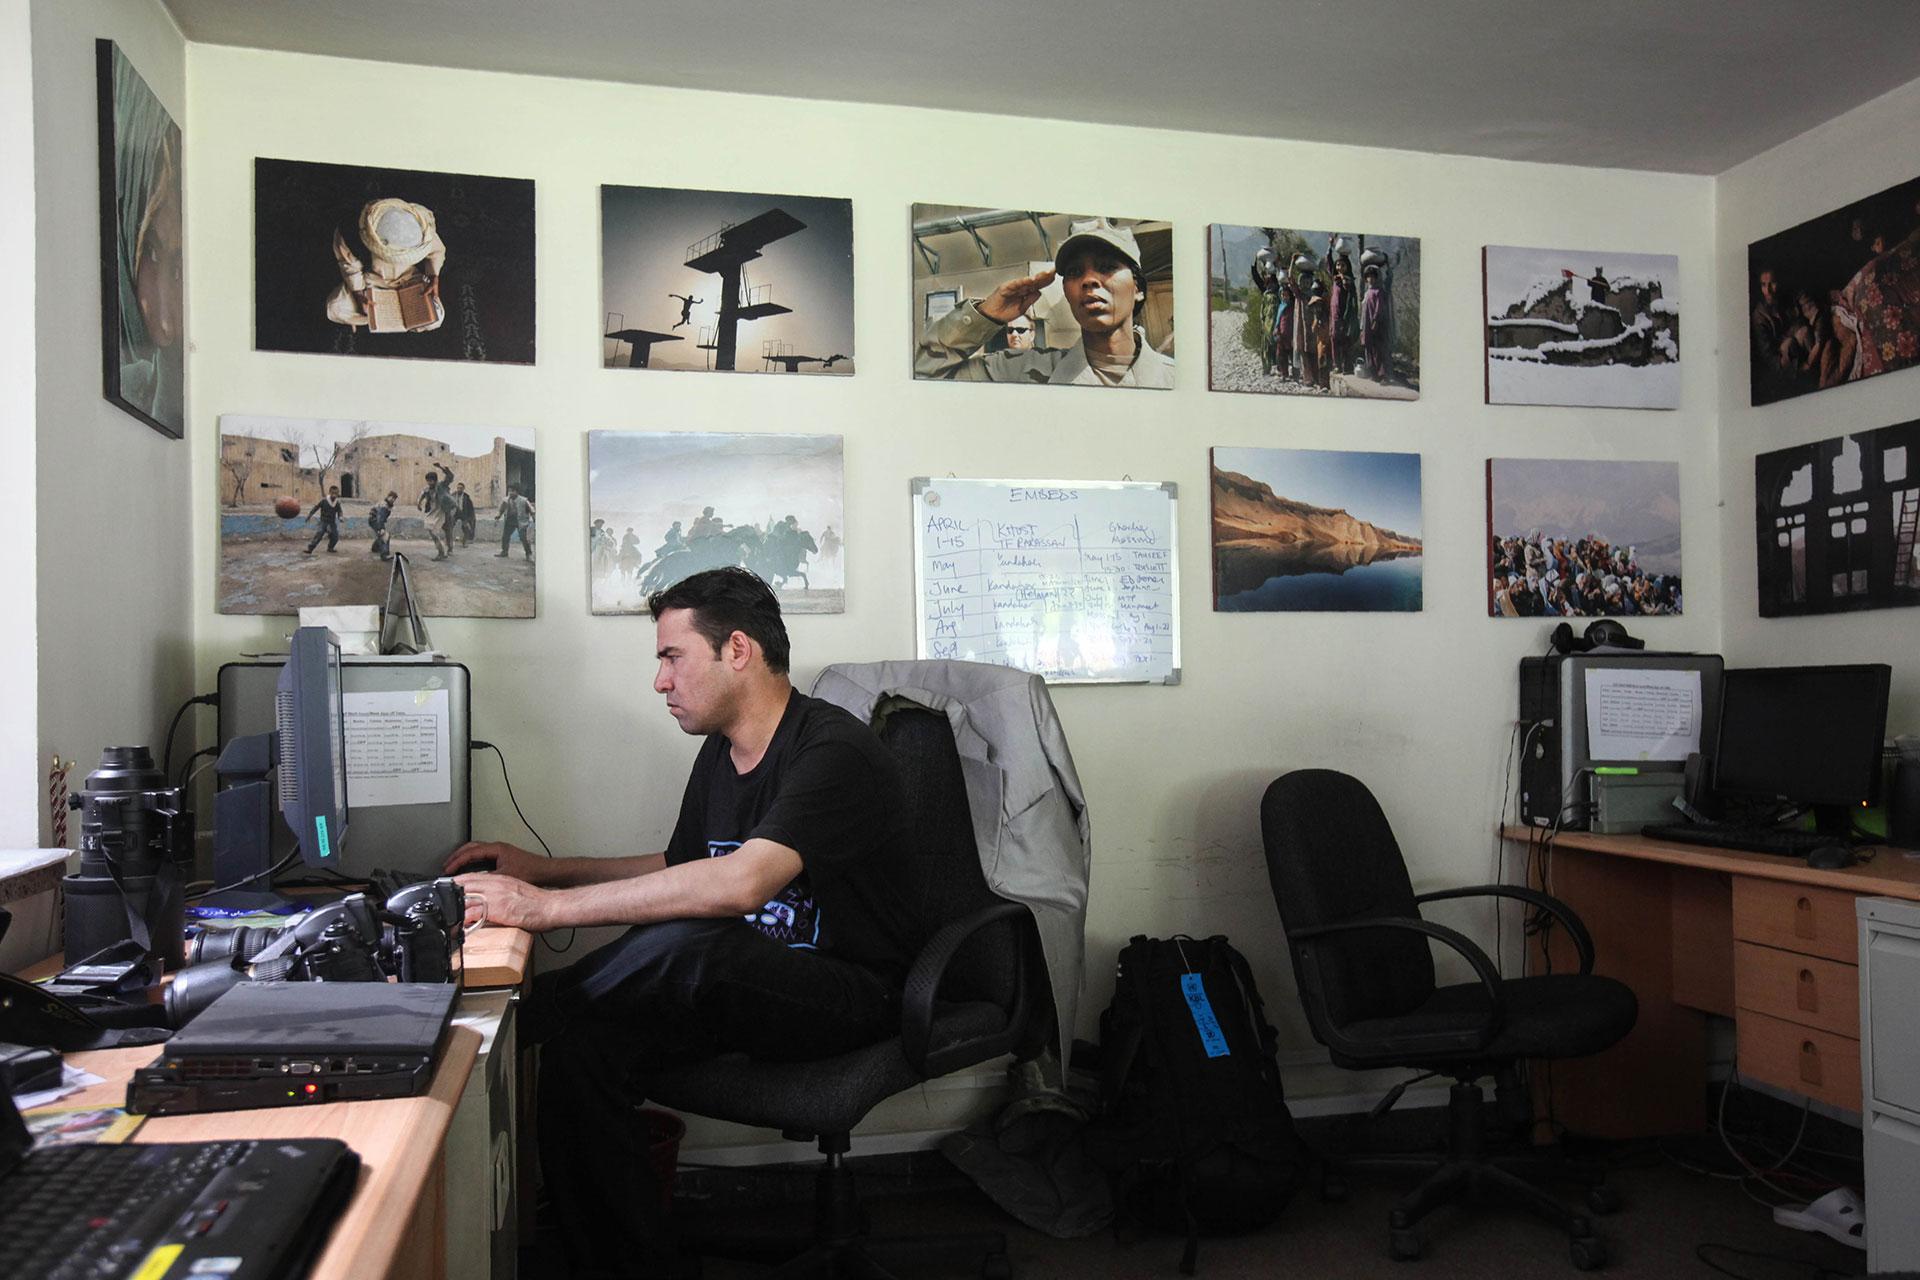 Marai, trabajando en su oficina de la agencia AFP en Kabul en 2010 (AFP)